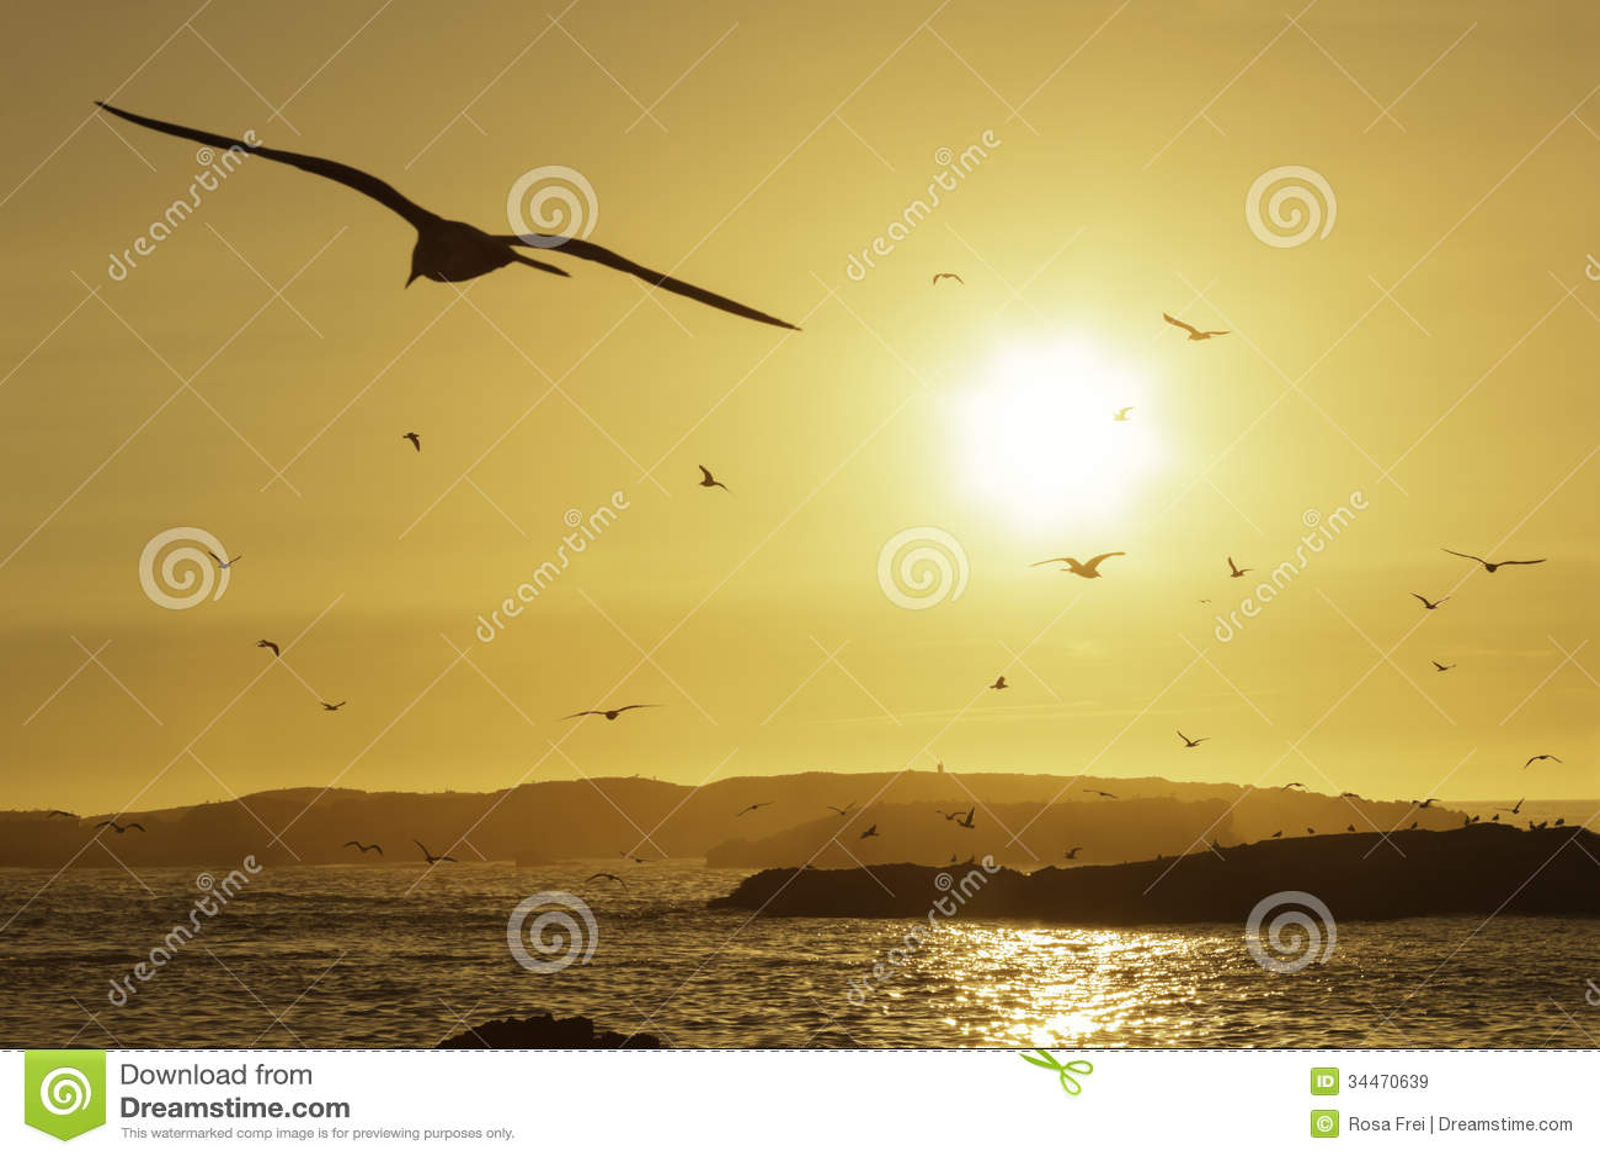 Vare con las gaviotas que vuelan en el cielo en la puesta del sol.